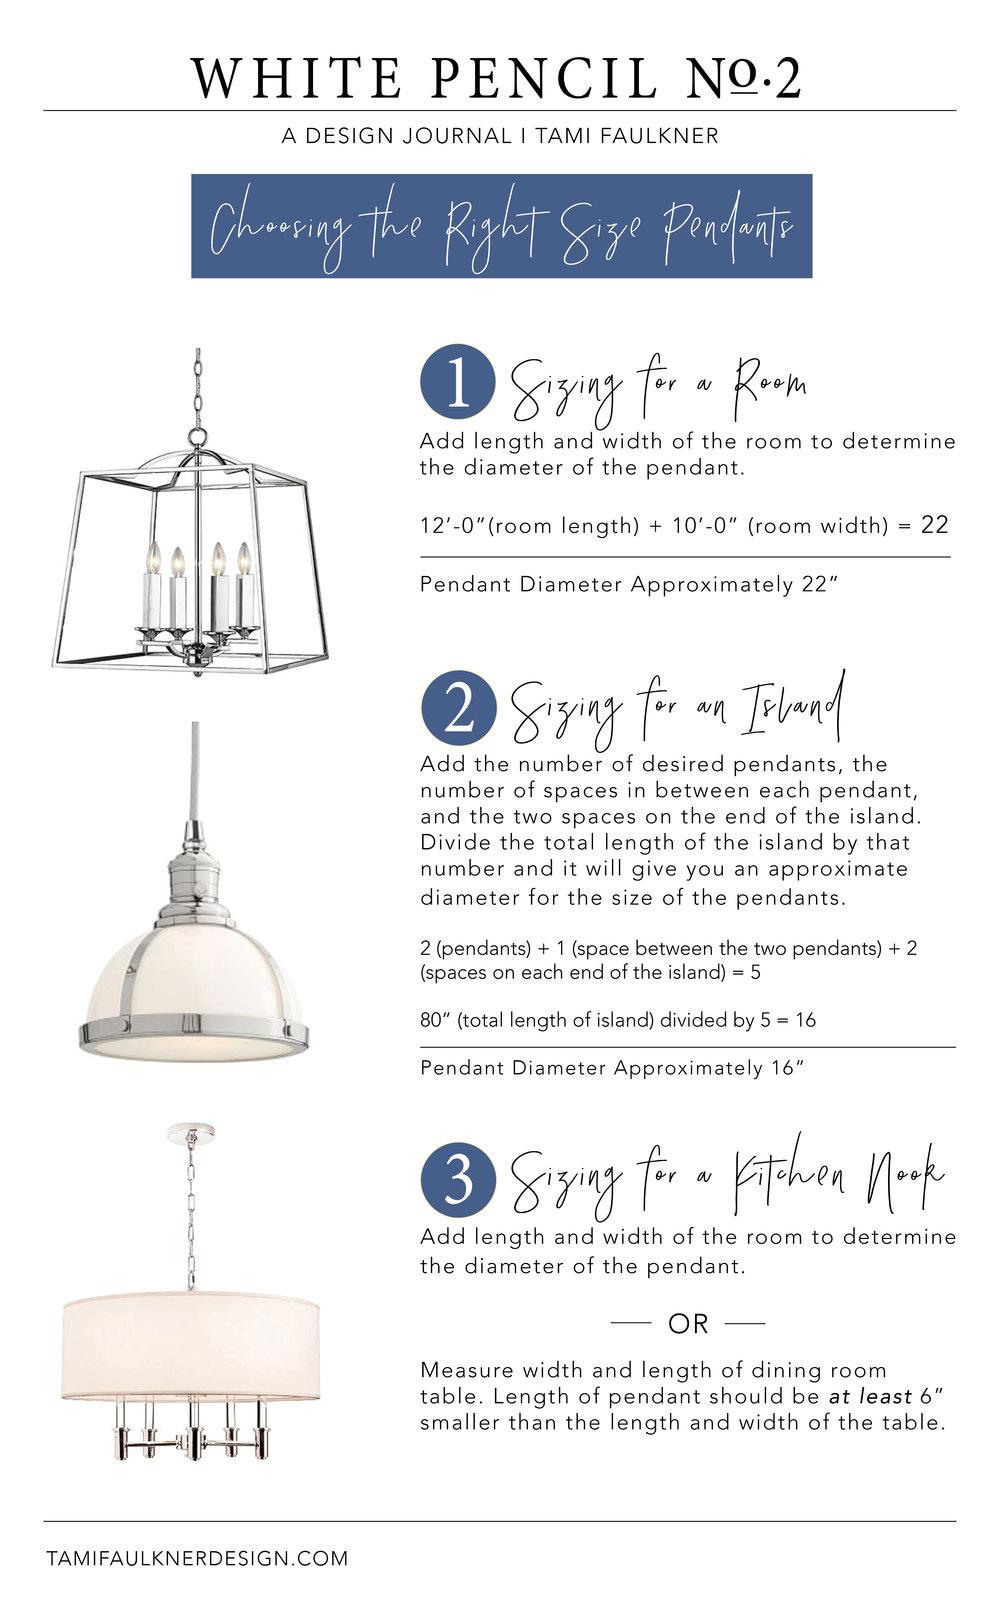 tami faulkner design tips for choosing pendants